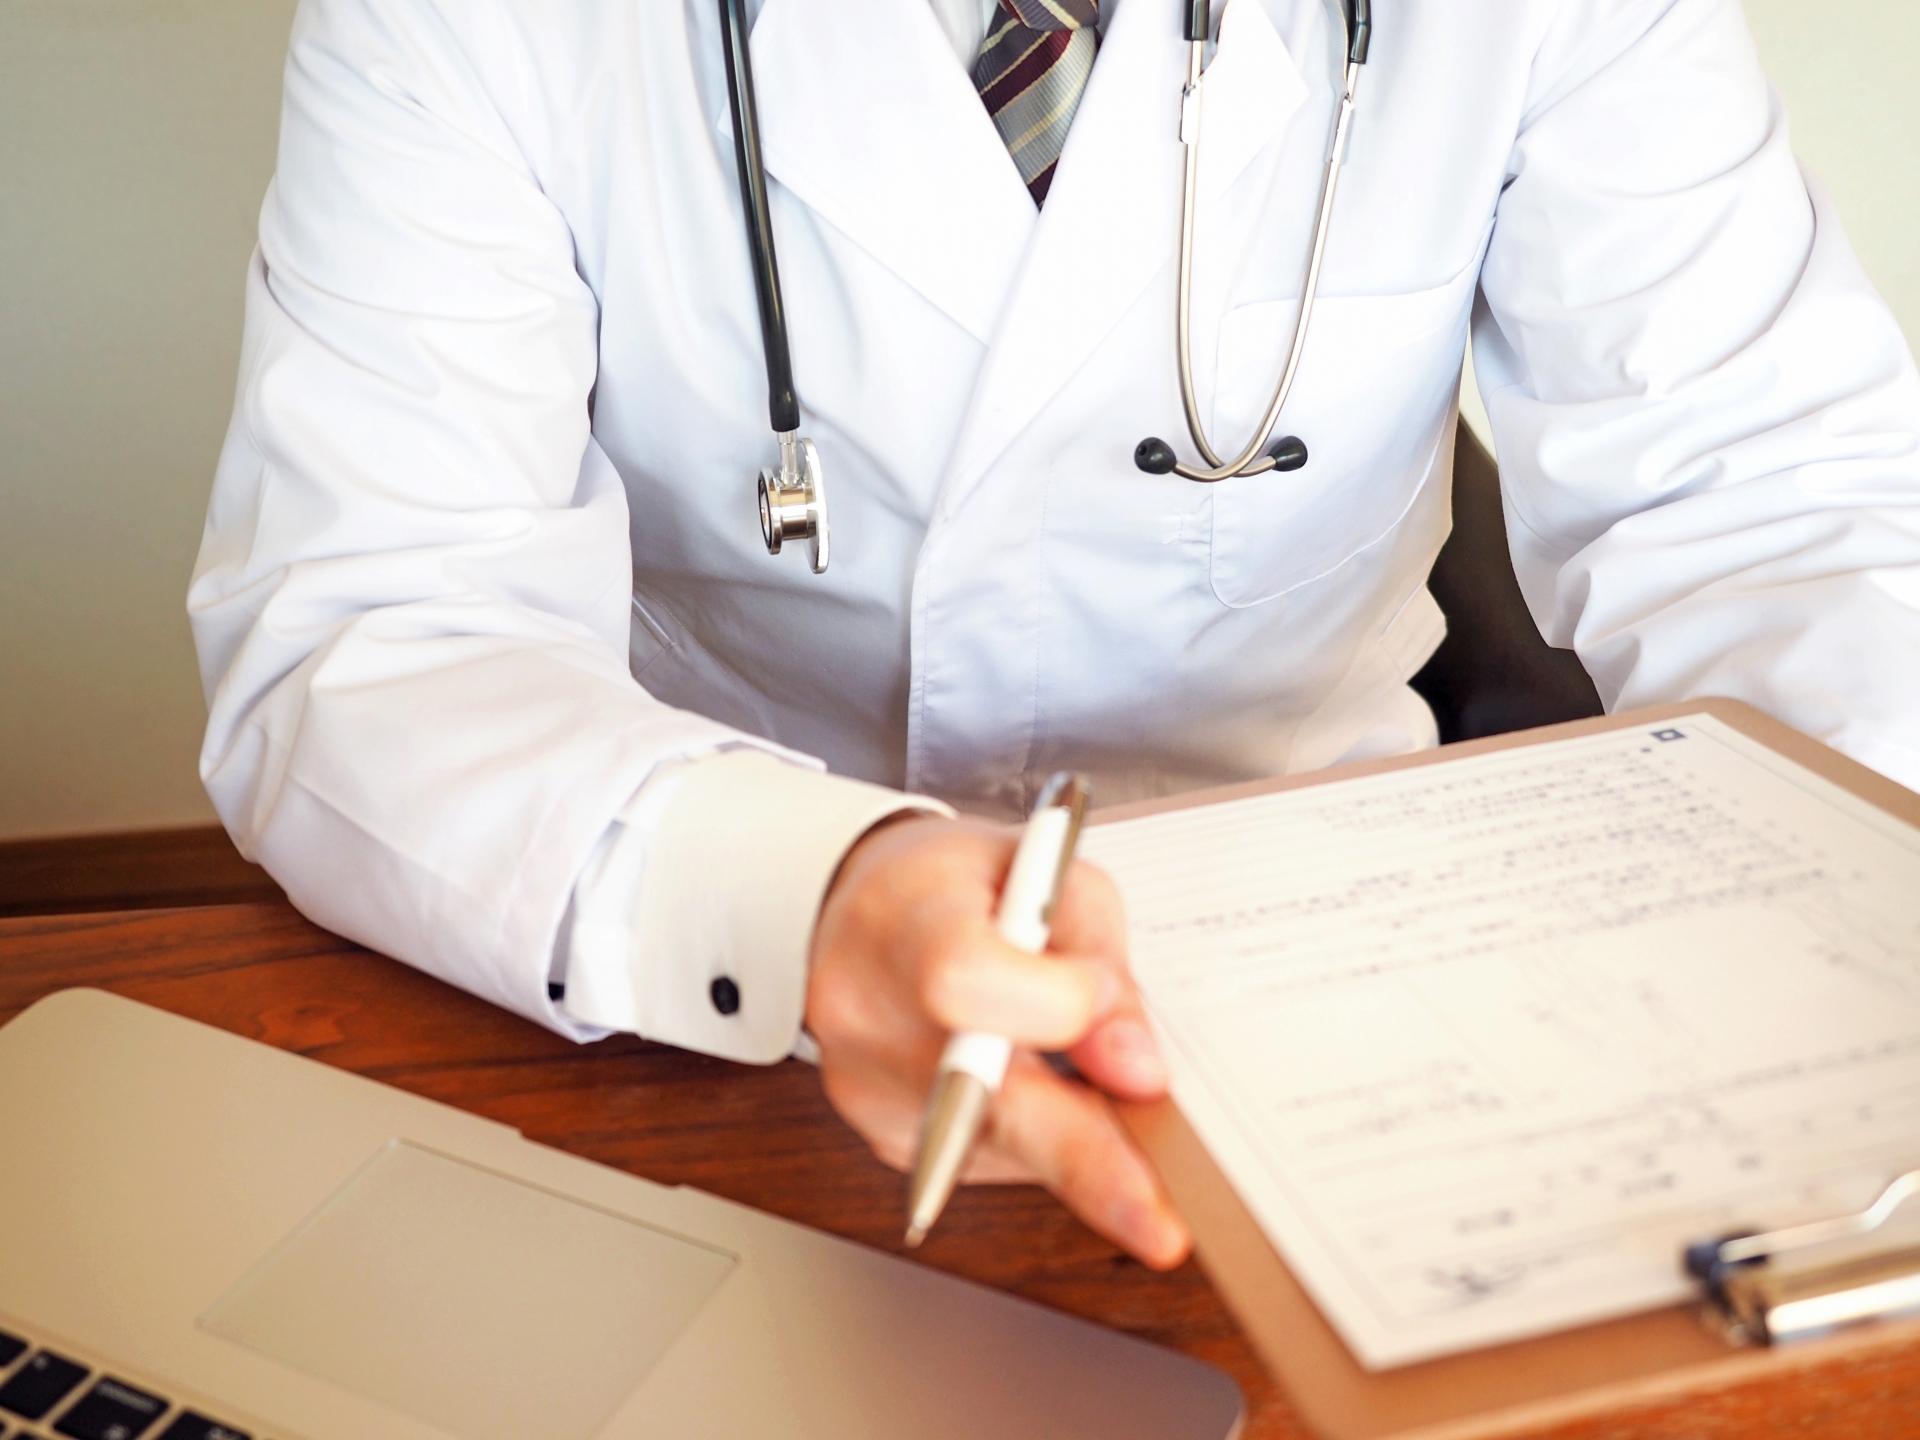 健康診断は受けなくちゃいけないものなの?また受けないとどうなるの?